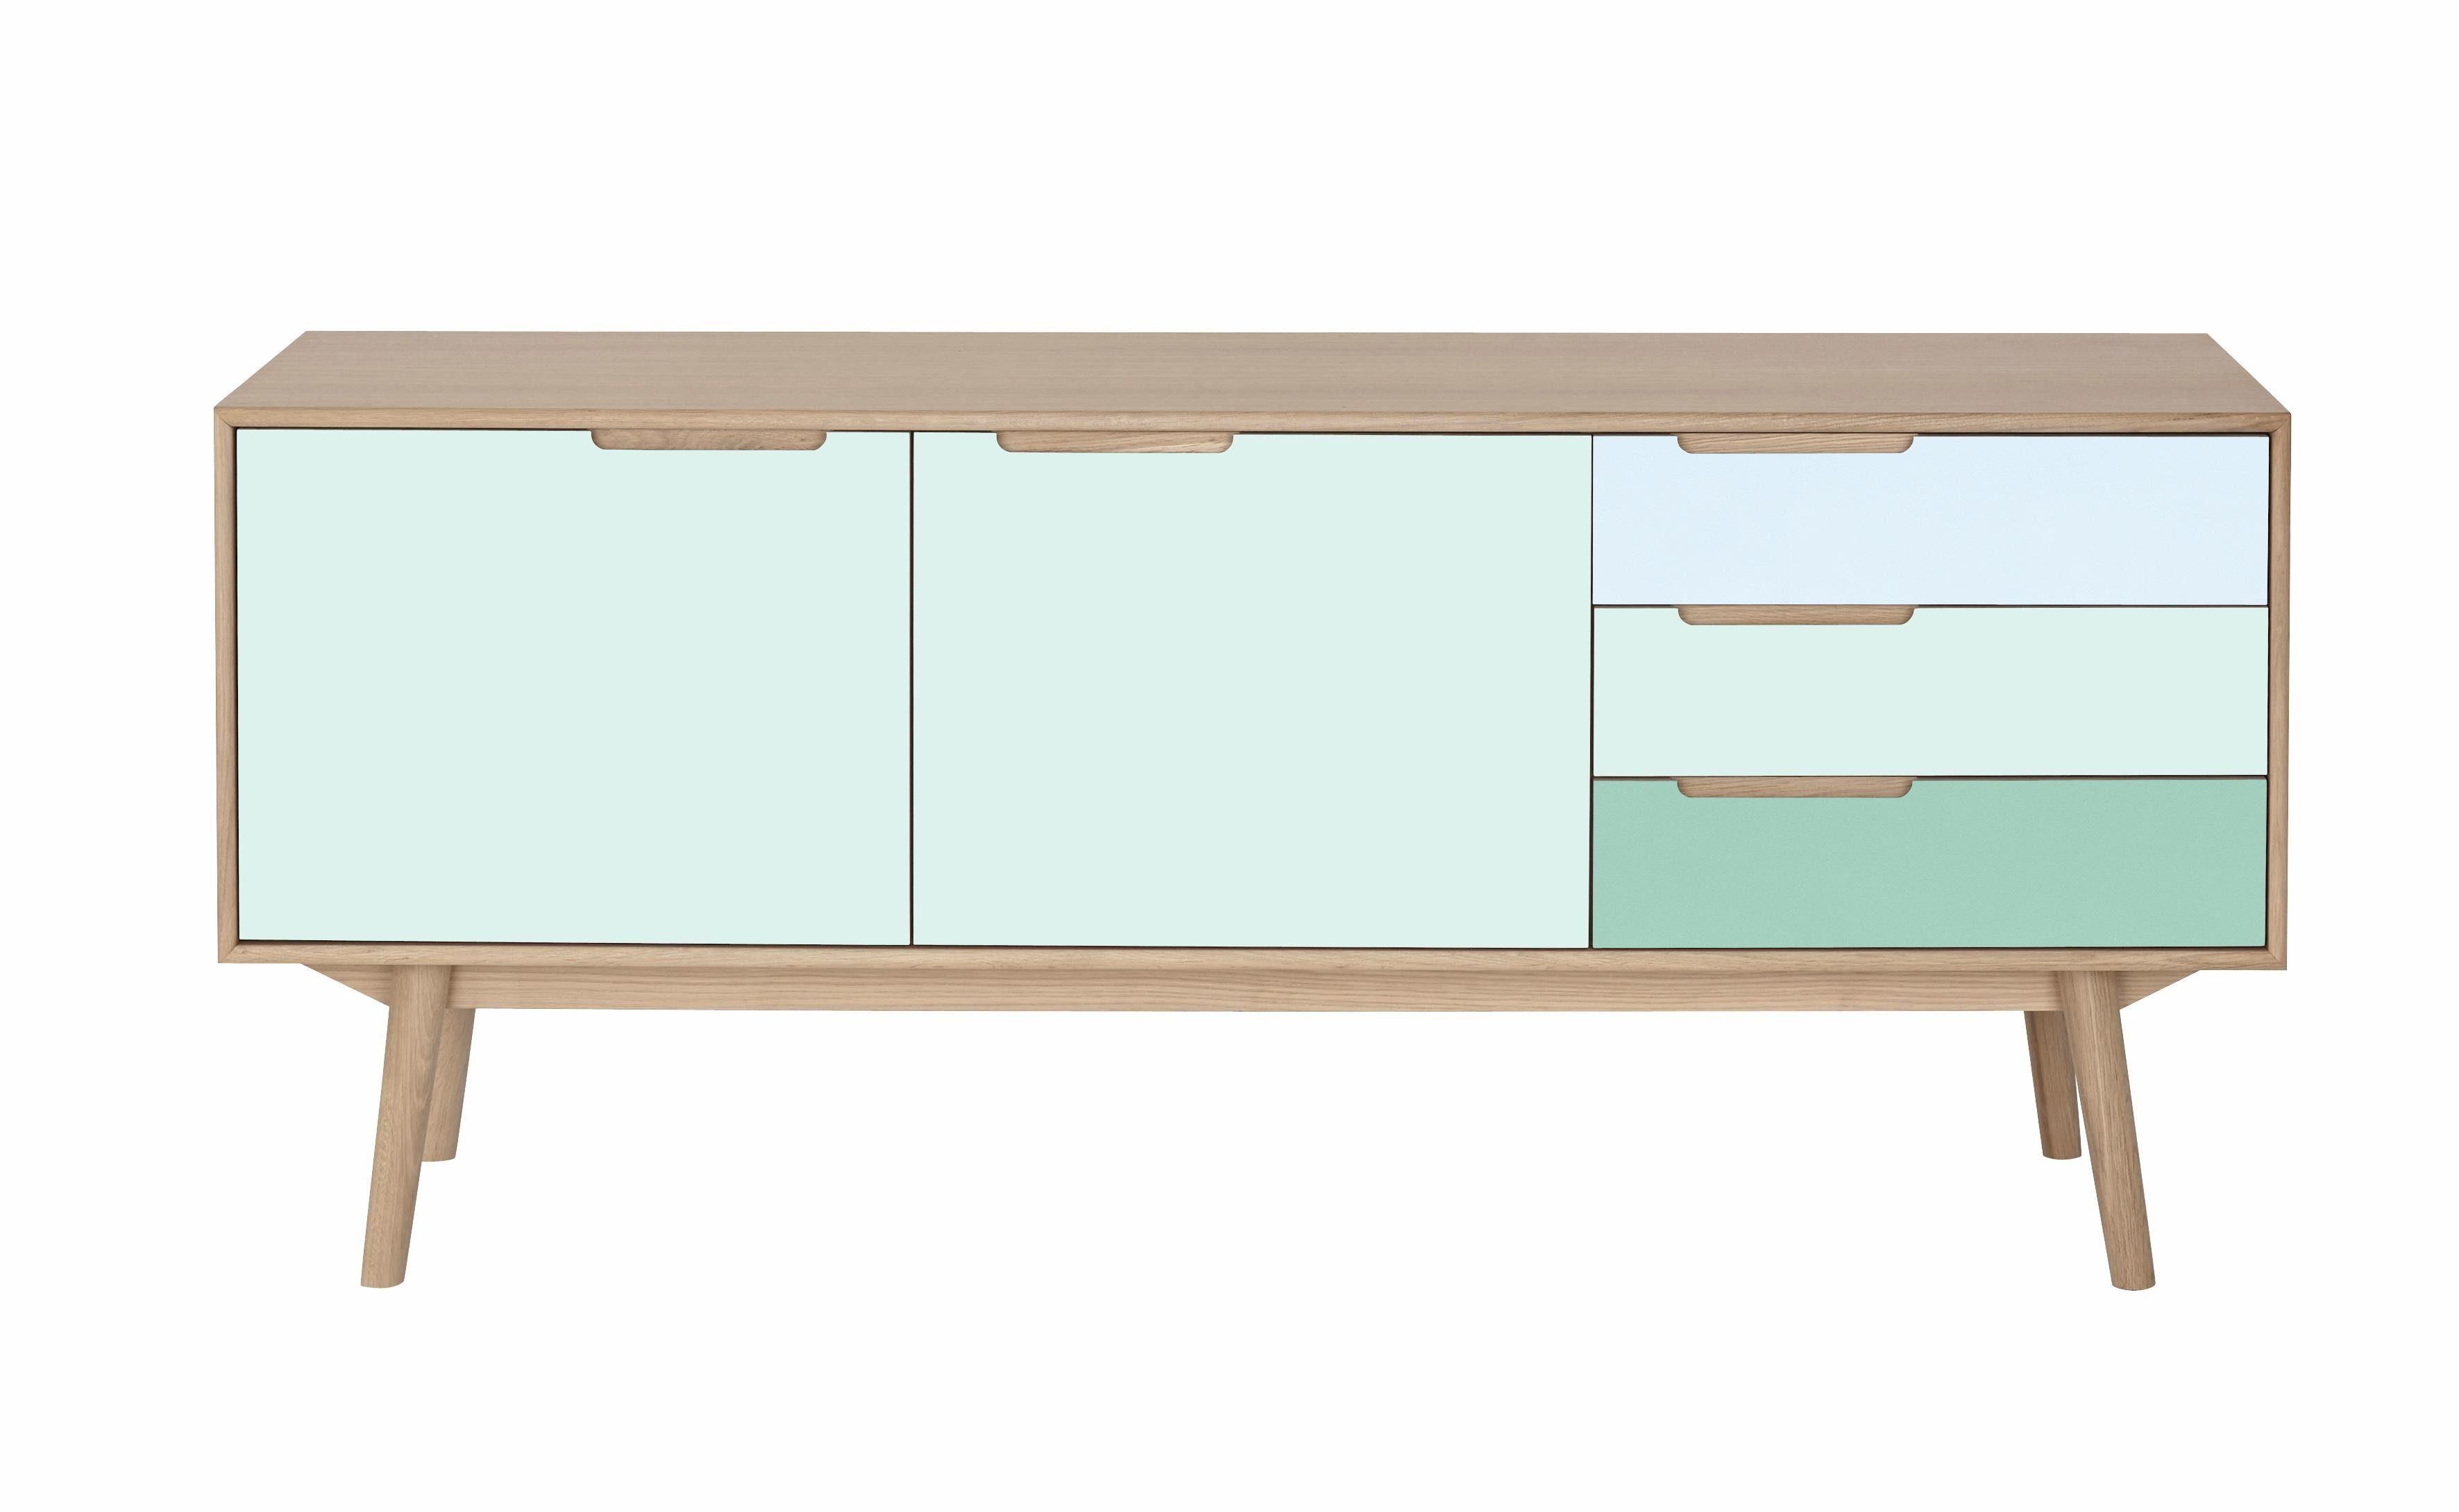 andas Sideboard »Curve« white oak, ocean green, Farbkonzept von roombeez Bloggerin Bianca